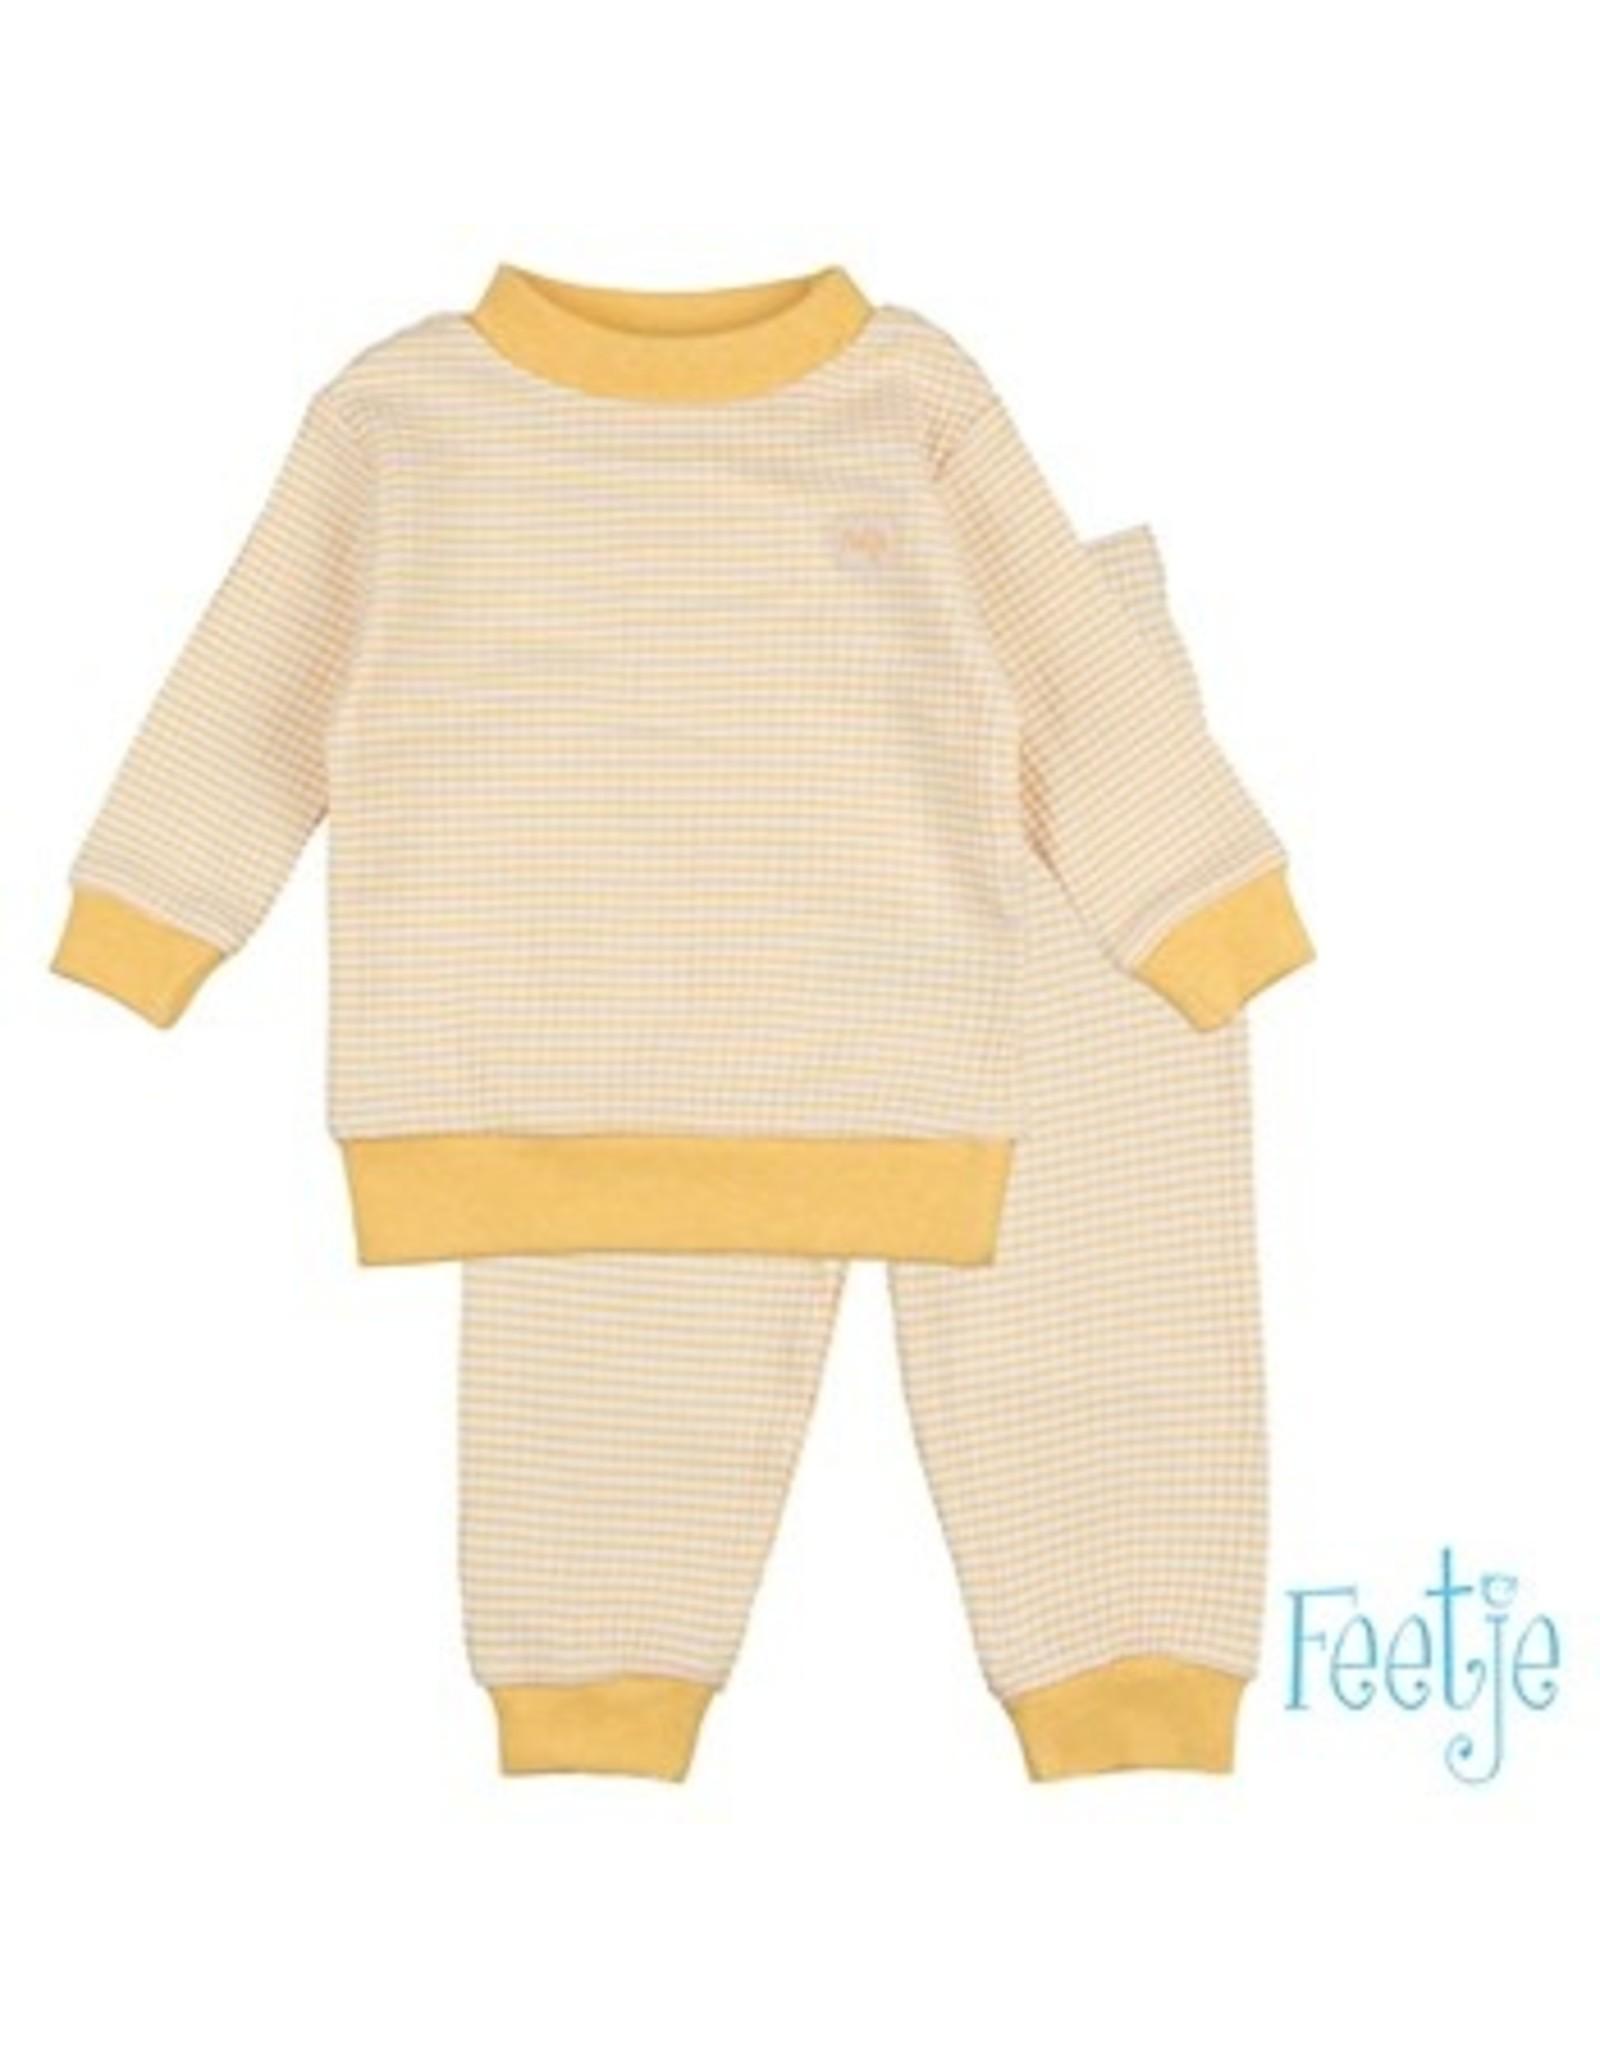 Feetje Pyjama oker geel kids